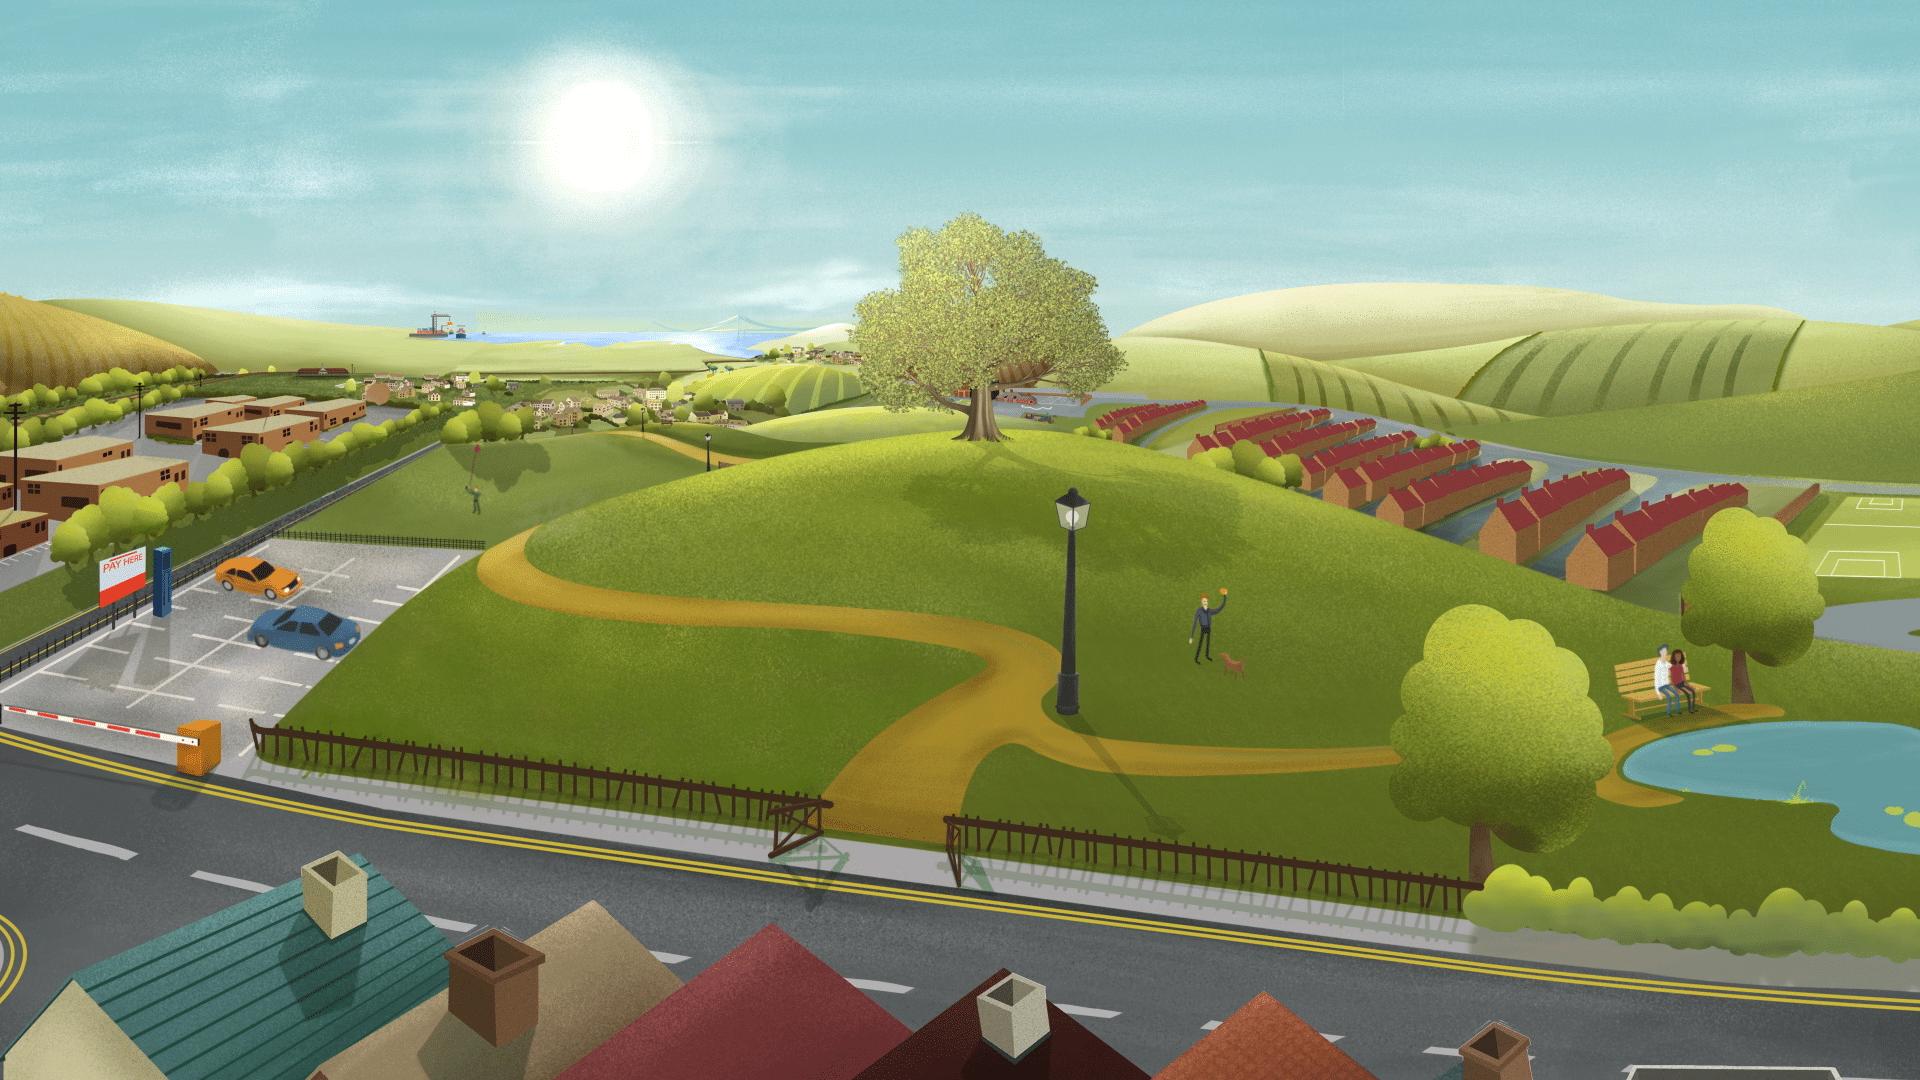 Animated Brand Film - Wyelands Bank